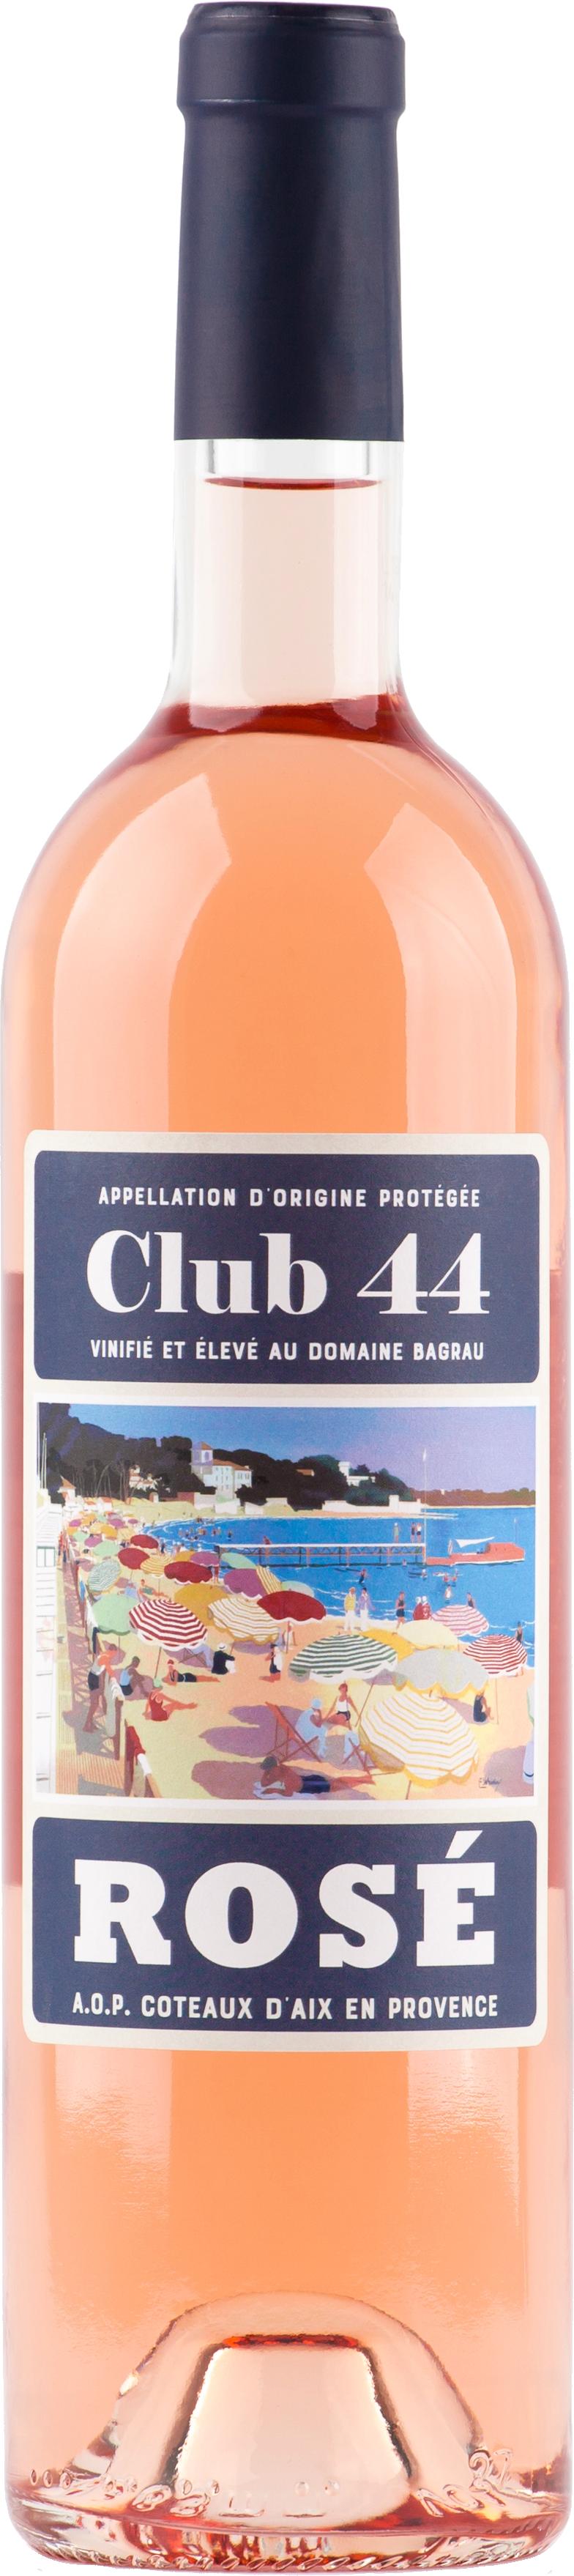 Club 44 Rosé.png